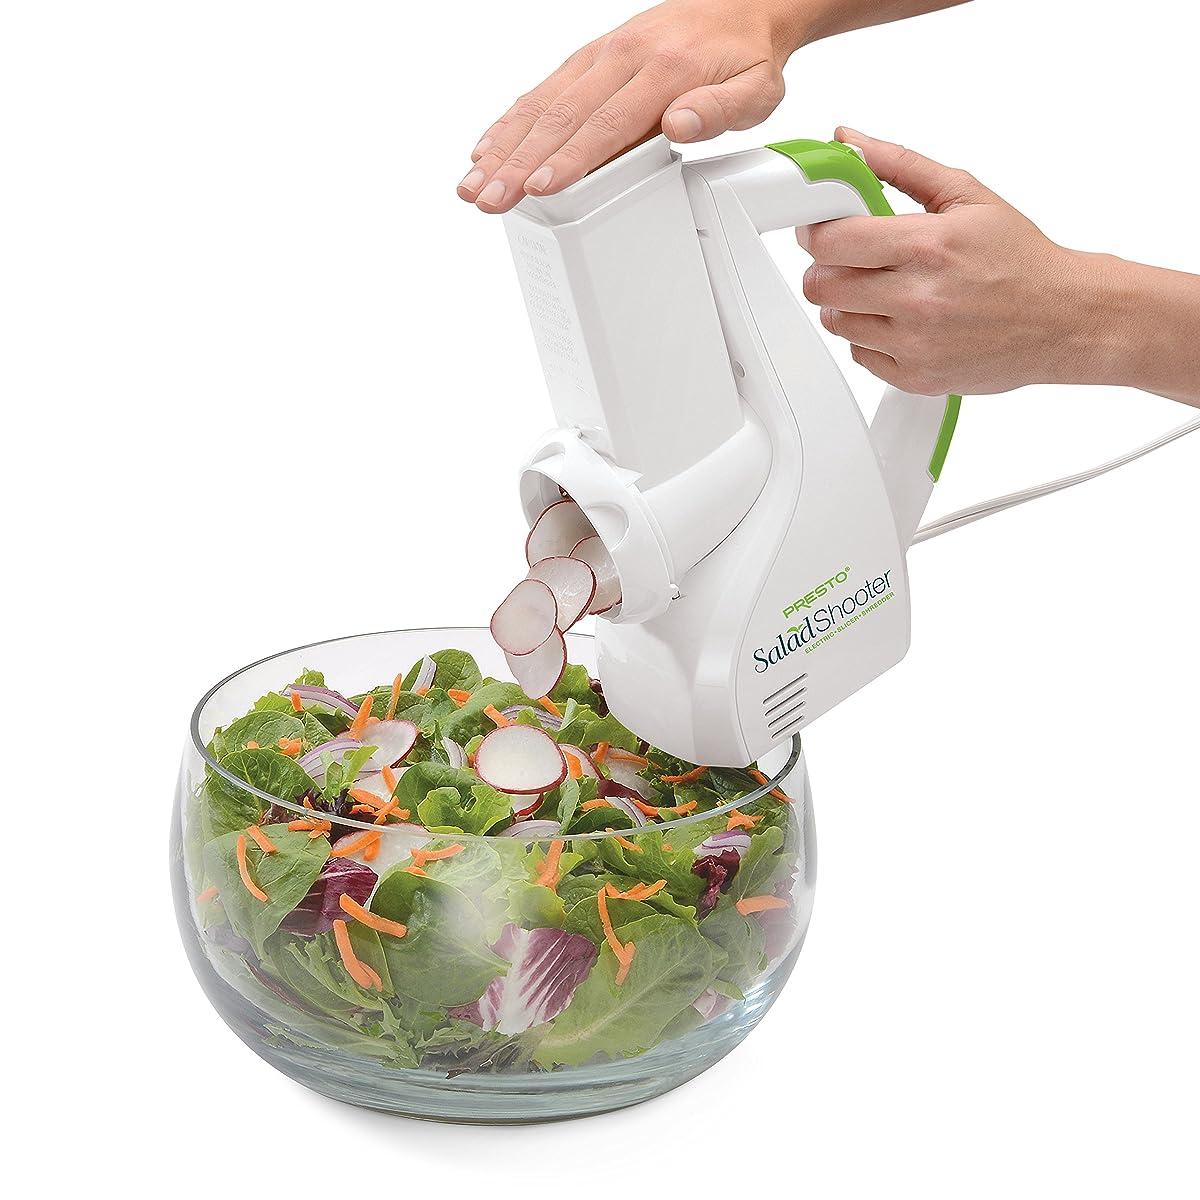 Presto 02910 Salad Shooter Electric Slicer/Shredder